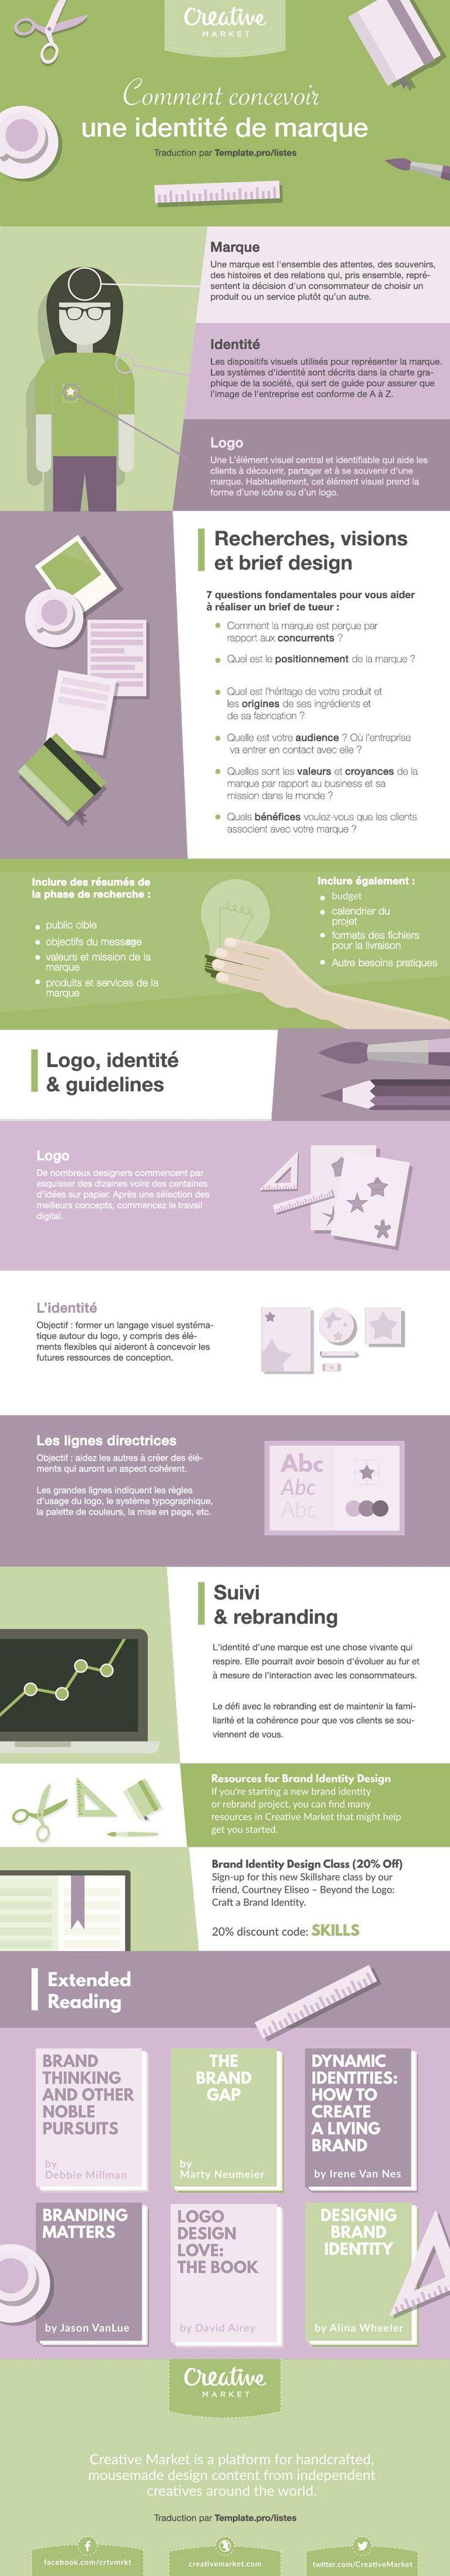 Aujourd'hui, nous partageons certaines des étapes et des concepts clés impliqués dans la création d'une identité de marque en une seule infographie que vous pouvez consulter rapidement. Le graphique sur la conception d'une identité de marque, les définitions et les process ont été développés par Gerren Lamson pour CreativeMarket. Je me suis occupé de le traduire en français.